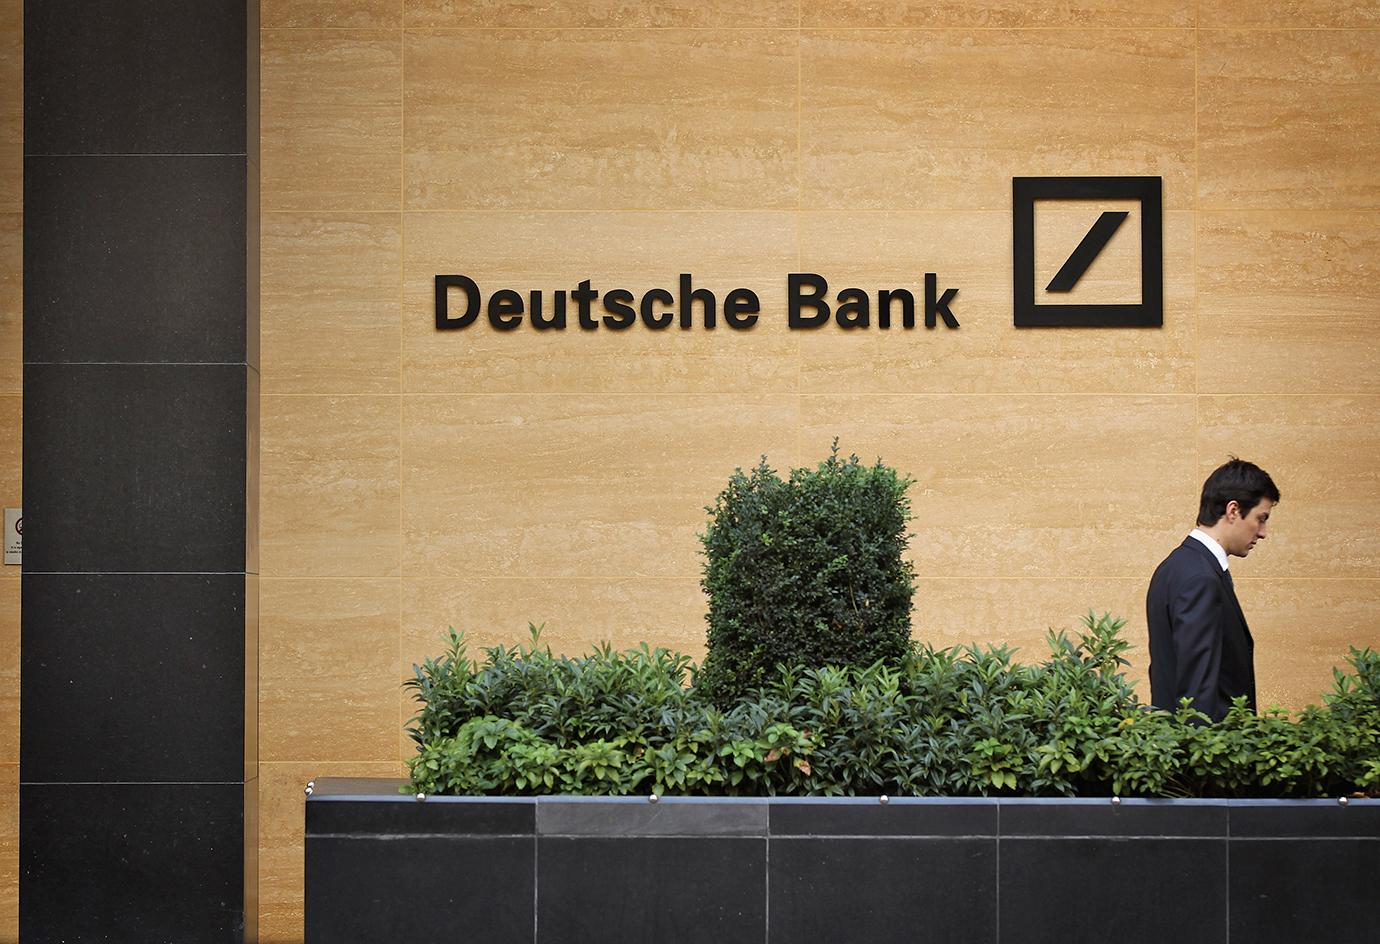 德銀因面臨巨額罰單,本周料再裁員1千人,以縮減成本。歐洲銀行業亦掀起裁員潮,4間銀行宣佈裁員近2萬人。(Getty Images)